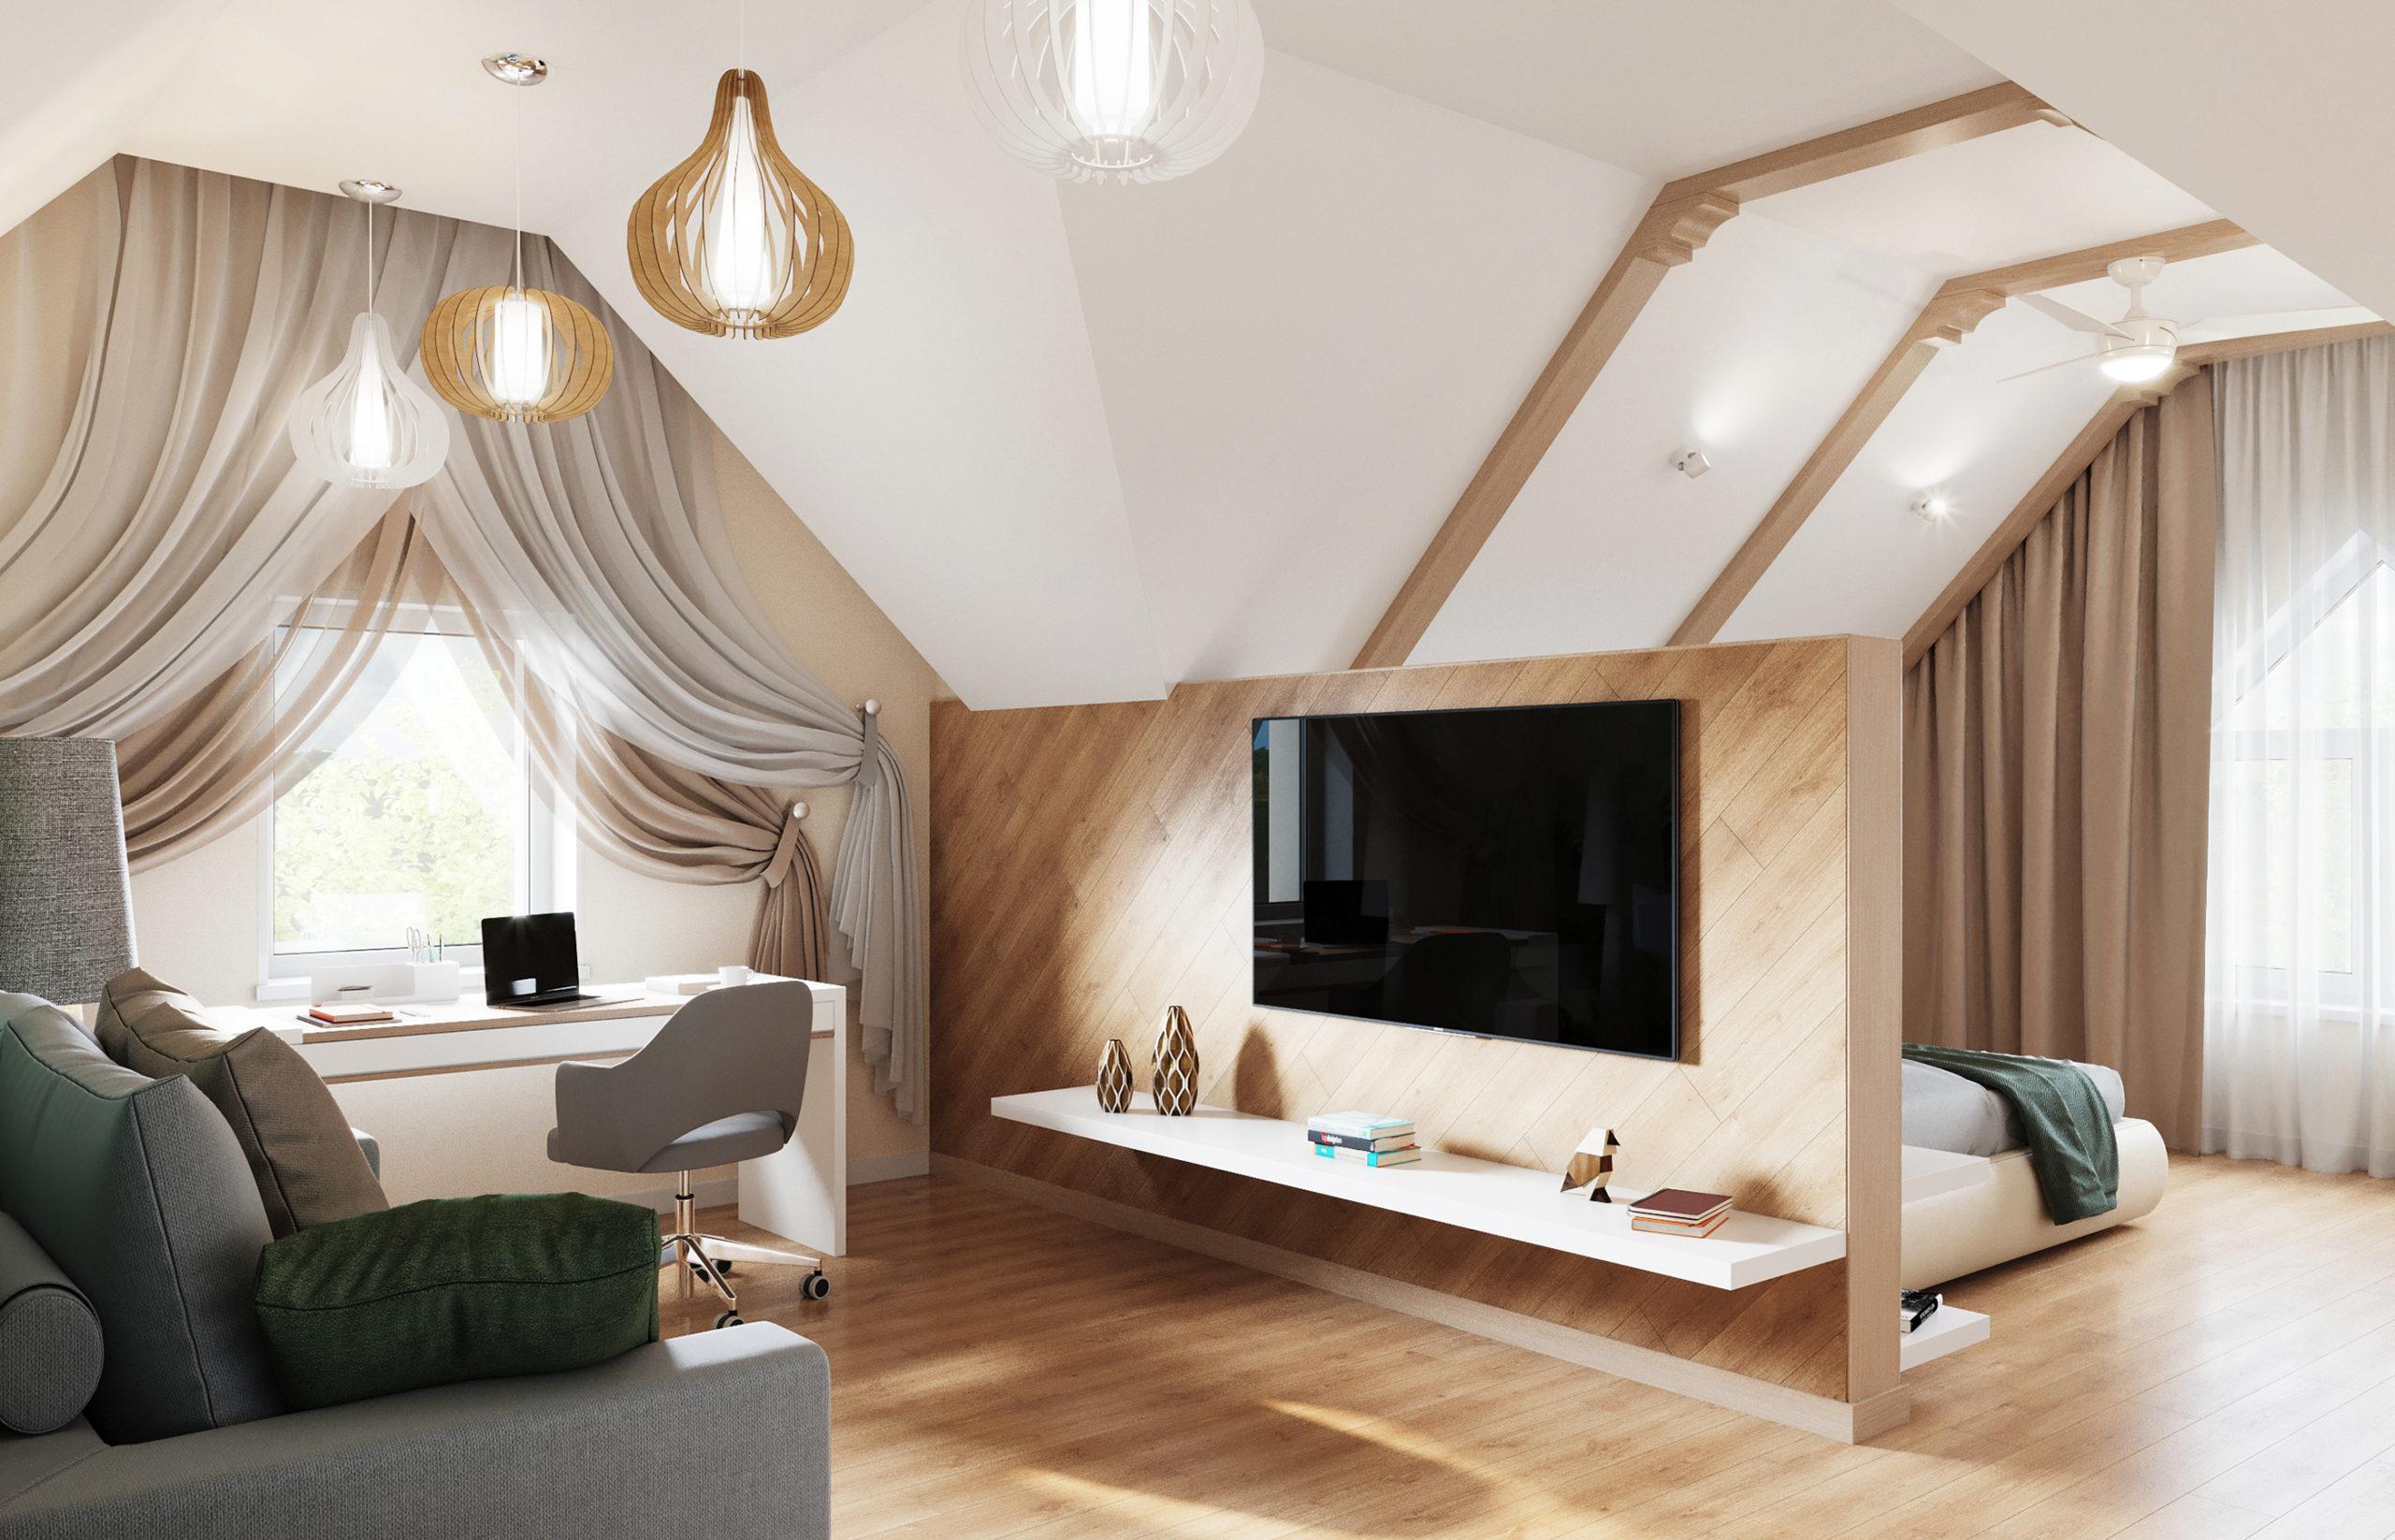 Дизайн интерьера комнаты молодого человека в мансарде